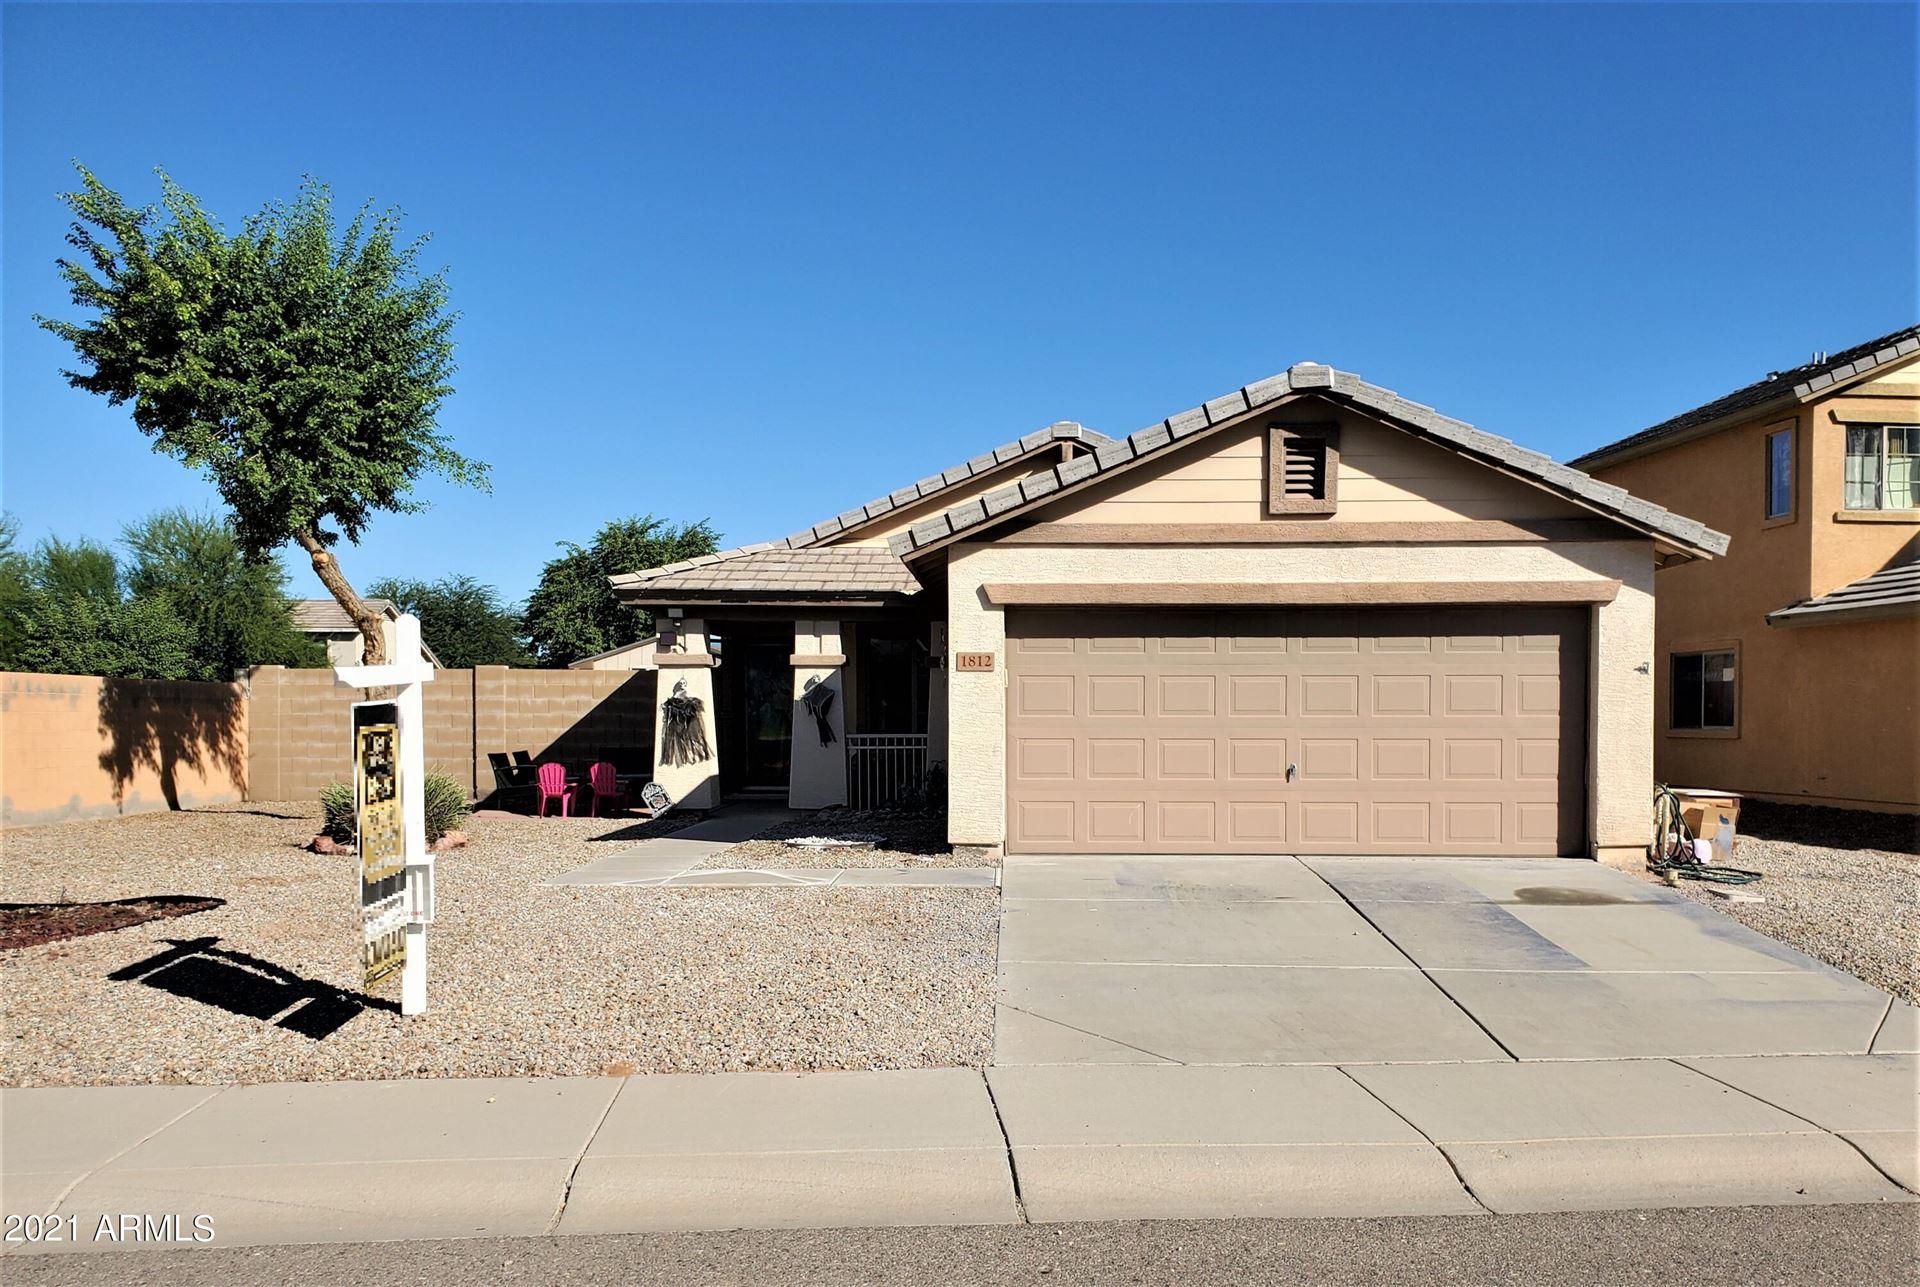 Photo of 1812 W PROSPECTOR Way, Queen Creek, AZ 85142 (MLS # 6305507)